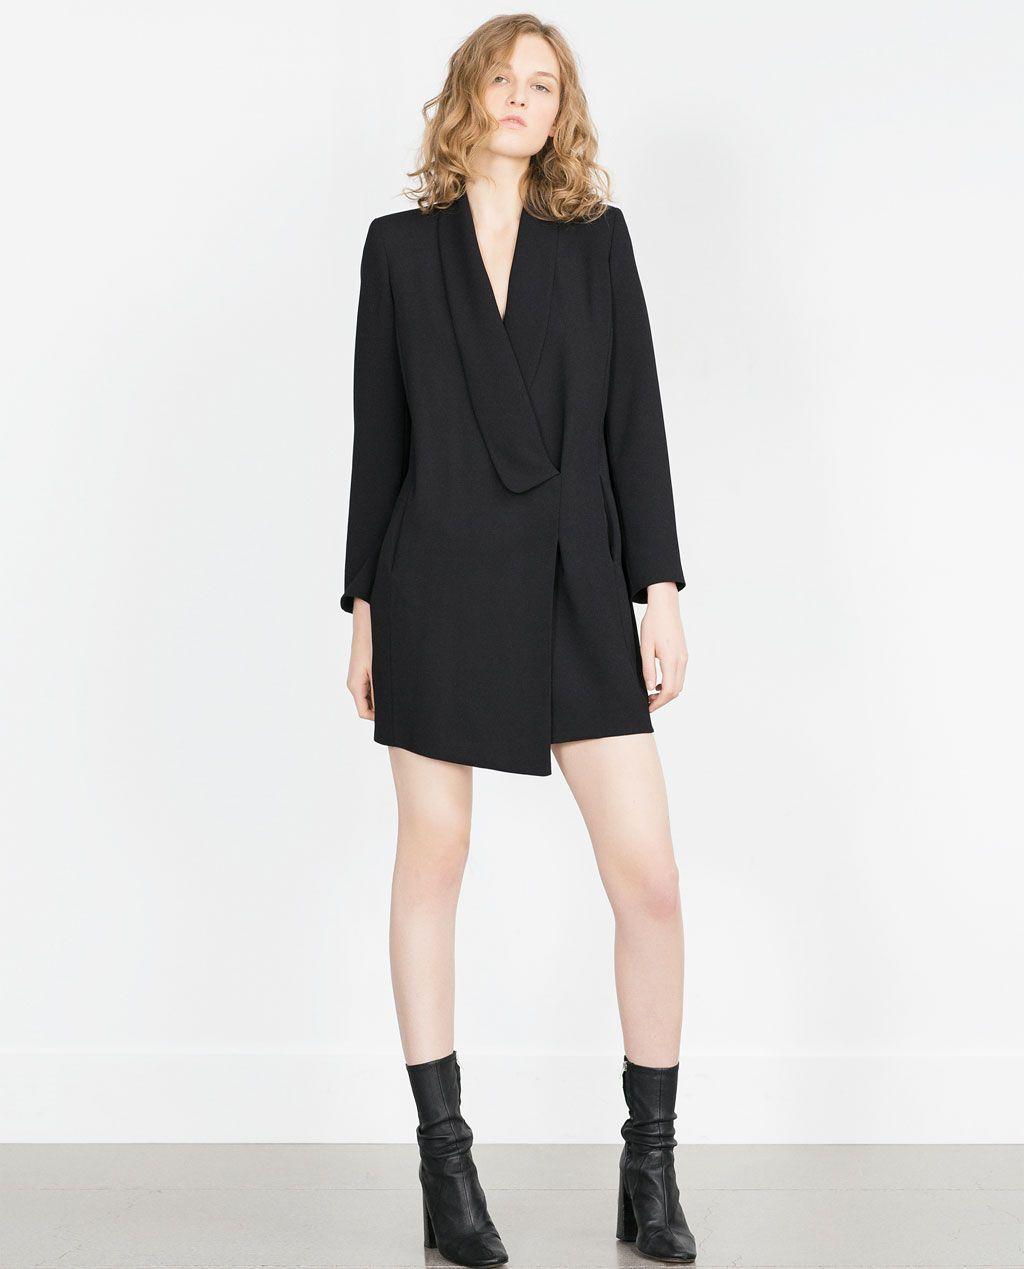 a75cbb54 Image 1 of Shawl collar dress from Zara | WL | Zara dresses, Blazer ...